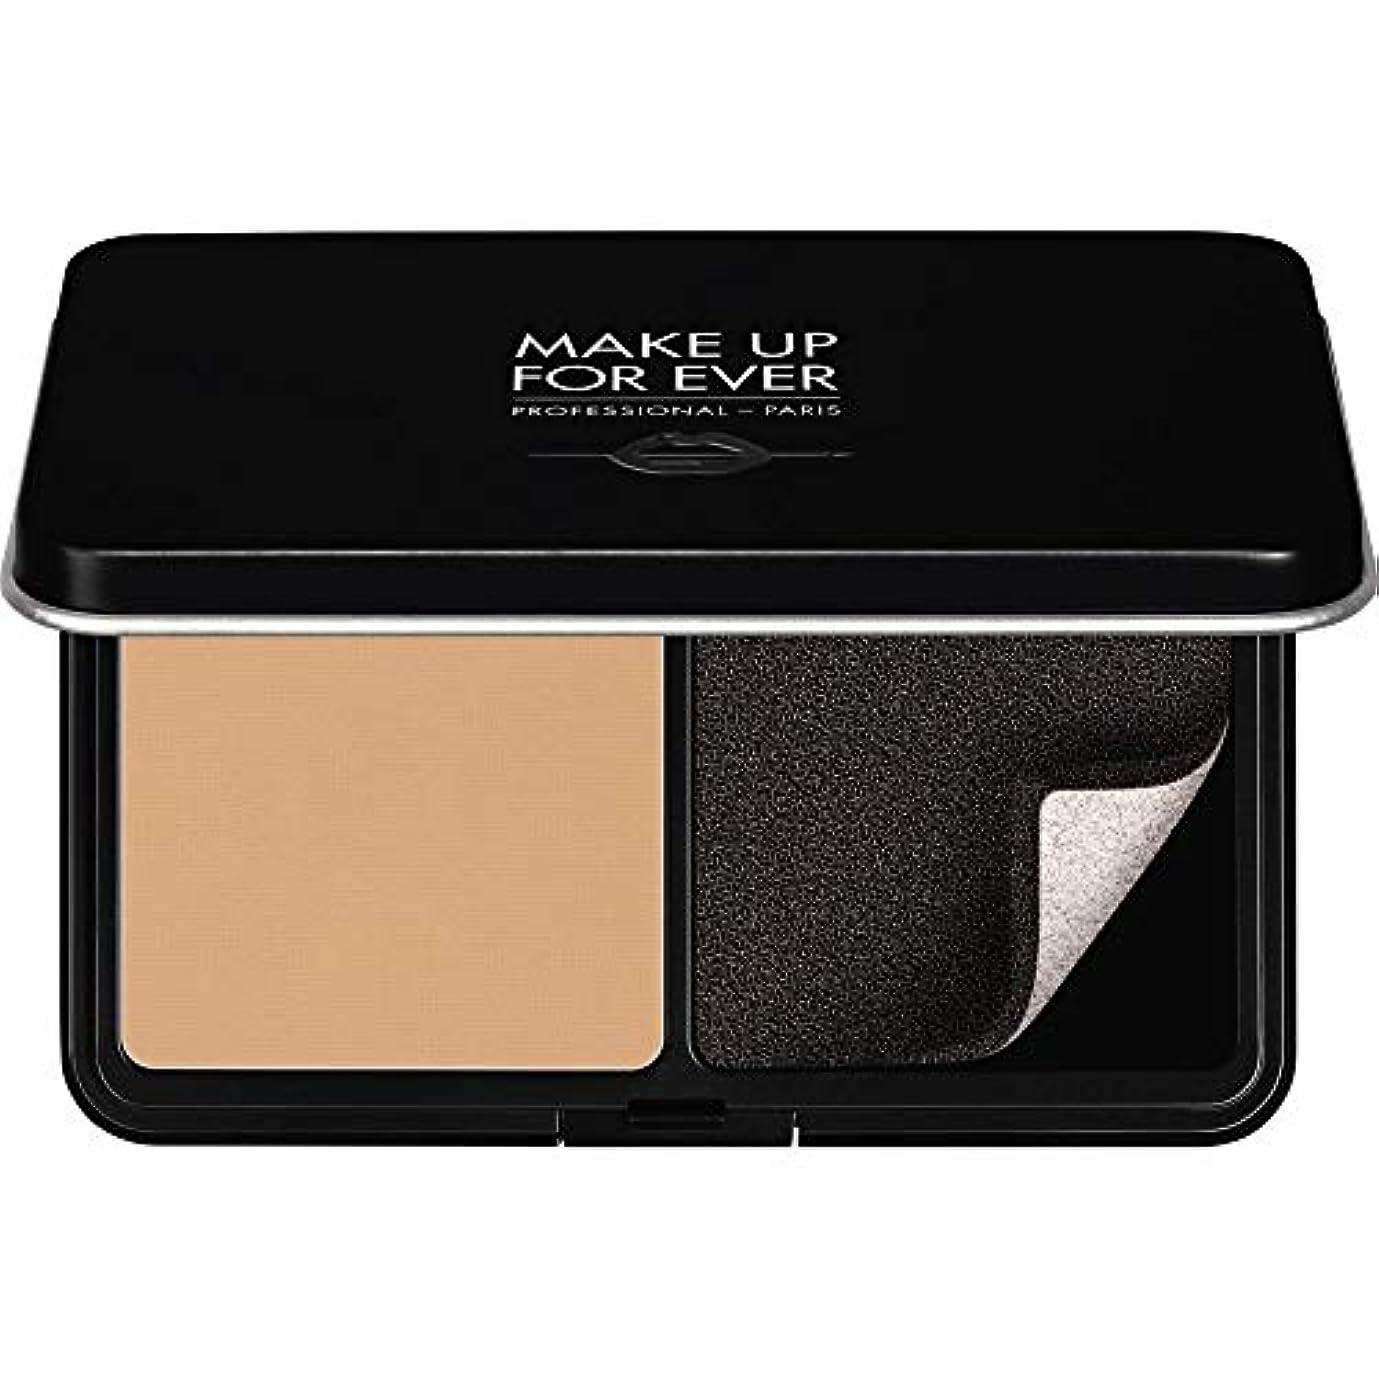 お手入れゴシップ幸運[MAKE UP FOR EVER ] パウダーファンデーション11GののY305をぼかし、これまでマットベルベットの肌を補う - ソフトベージュ - MAKE UP FOR EVER Matte Velvet Skin Blurring Powder Foundation 11g Y305 - Soft Beige [並行輸入品]